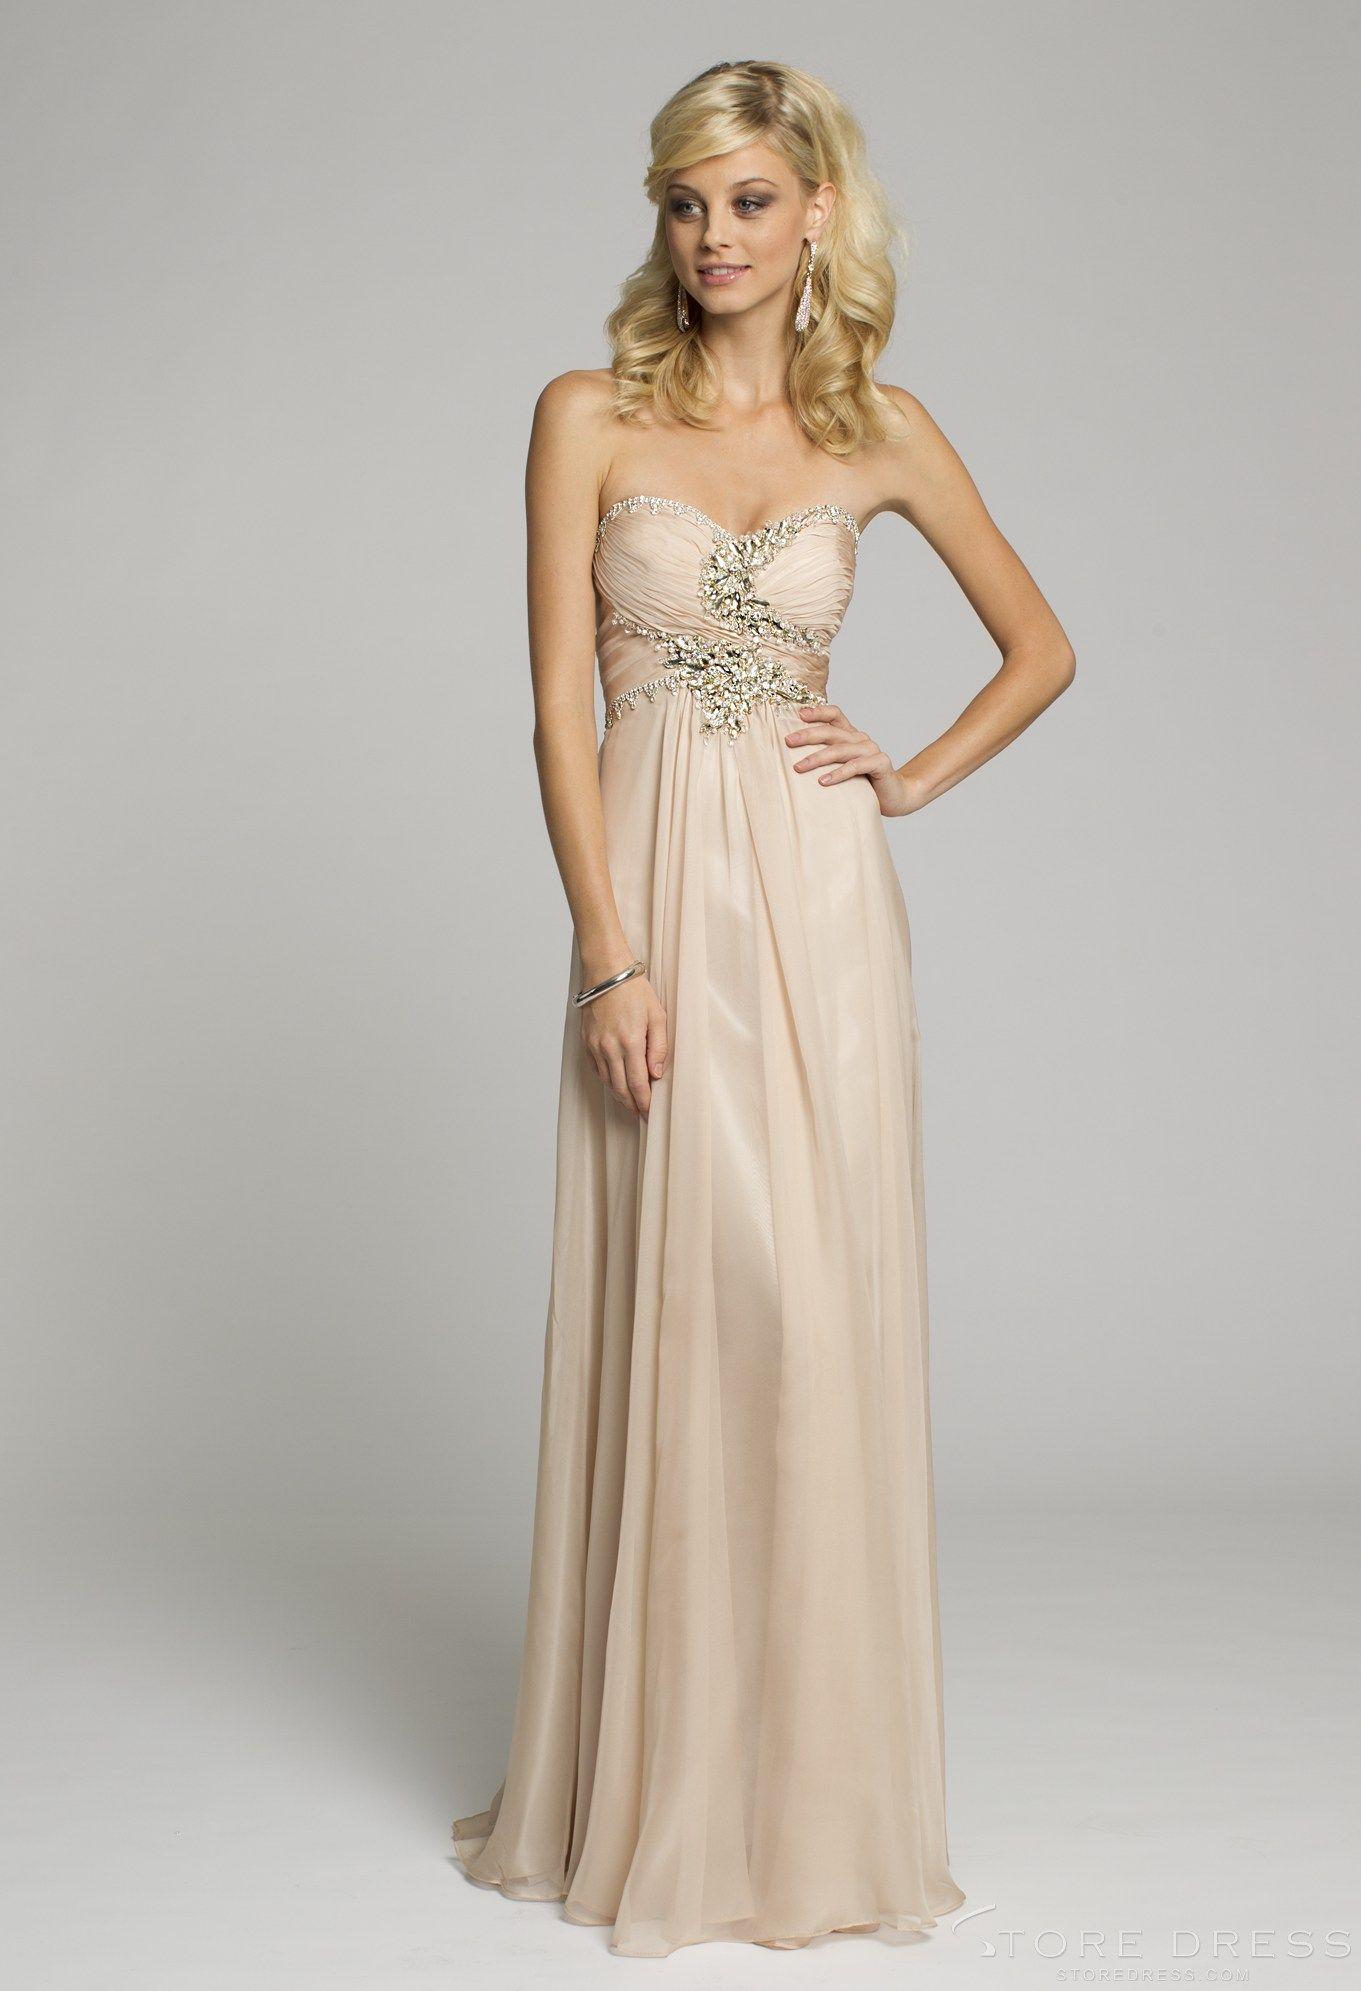 Groß Prom Kleider Usa 2014 Galerie - Hochzeit Kleid Stile Ideen ...